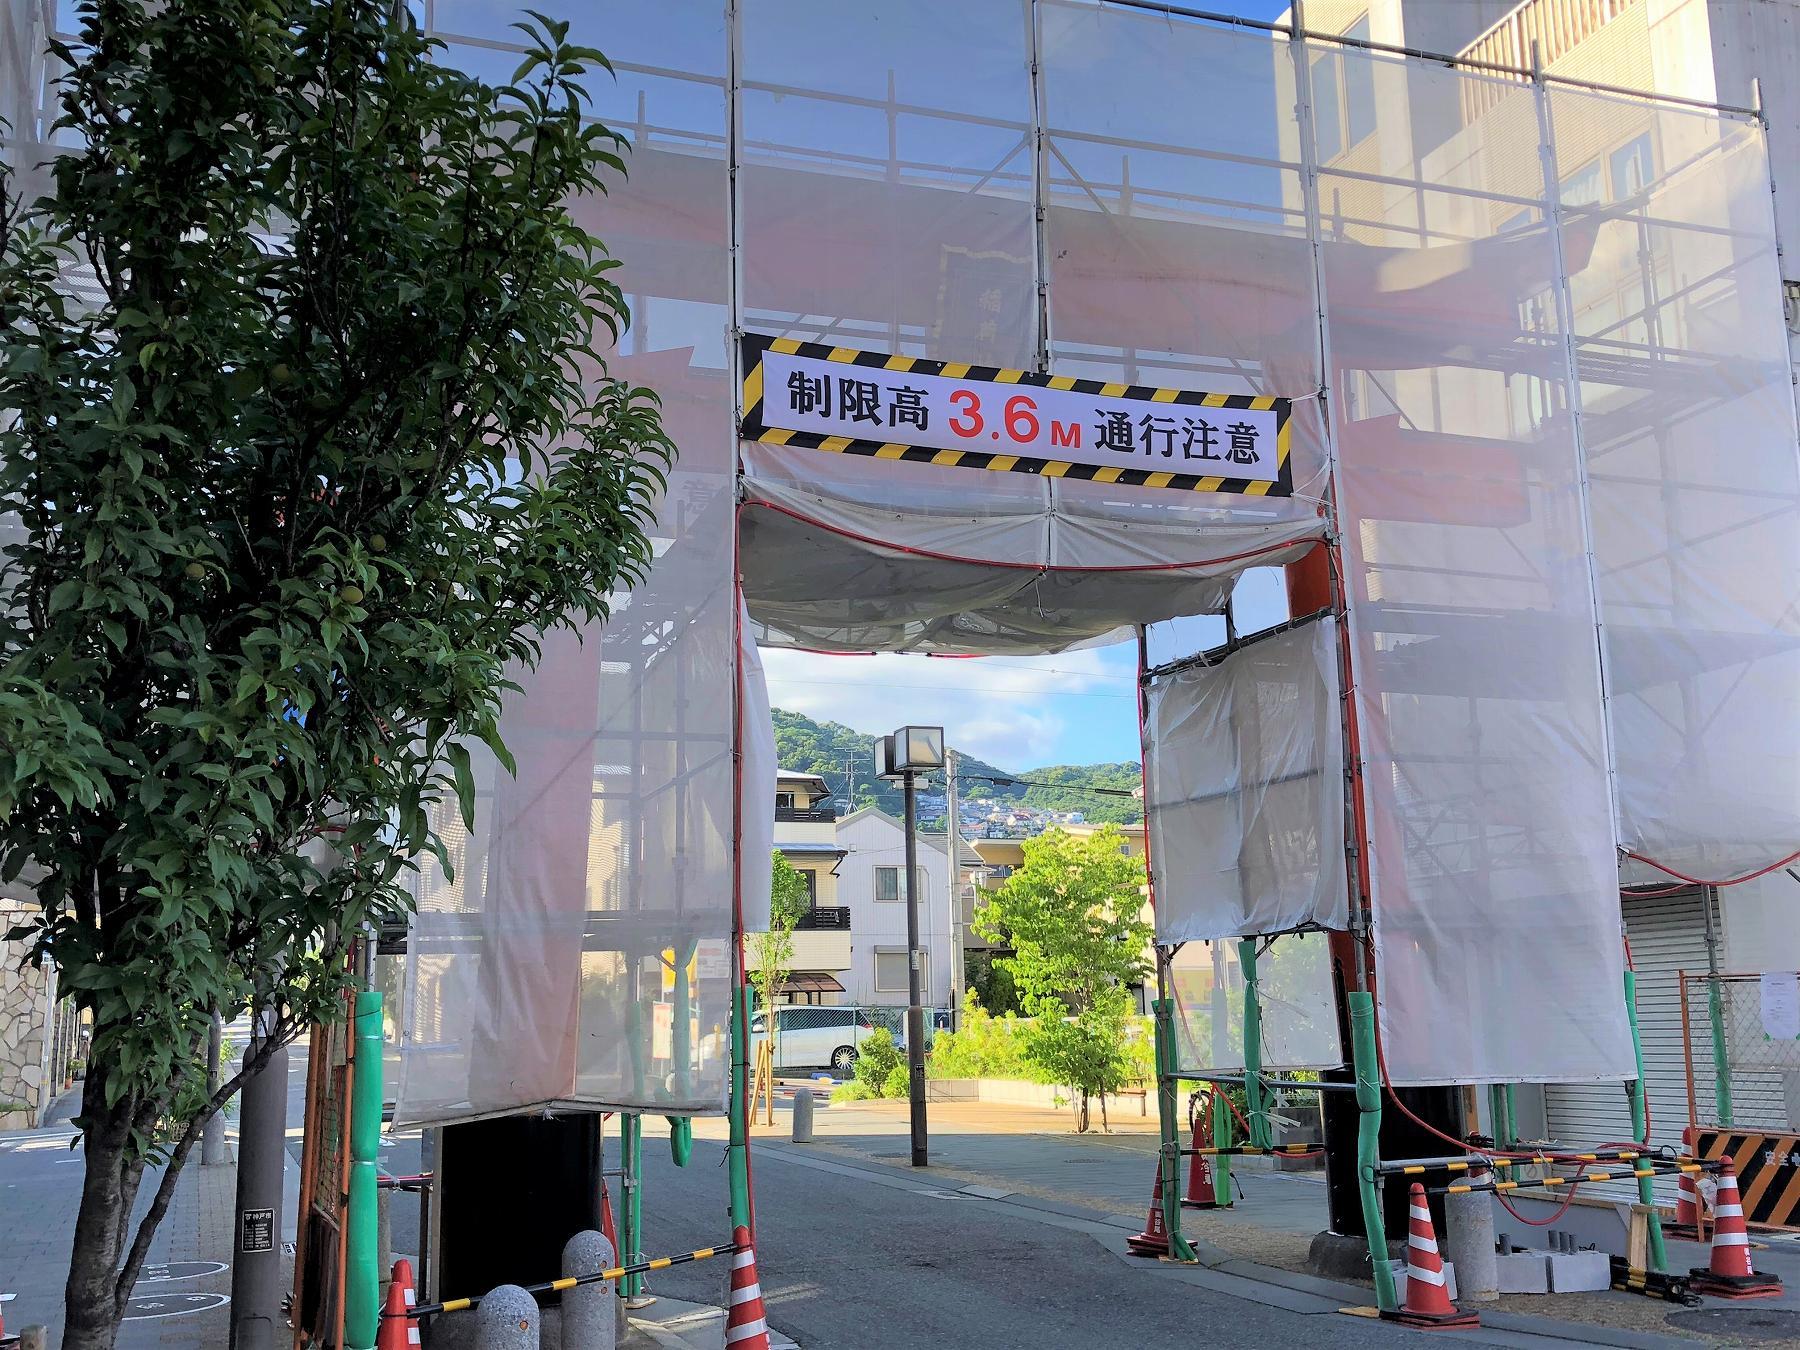 国道2号線沿い・森稲荷神社の参道にある「赤鳥居」が修復中だよ! #森稲荷神社 #赤鳥居 #東灘区 #神社仏閣